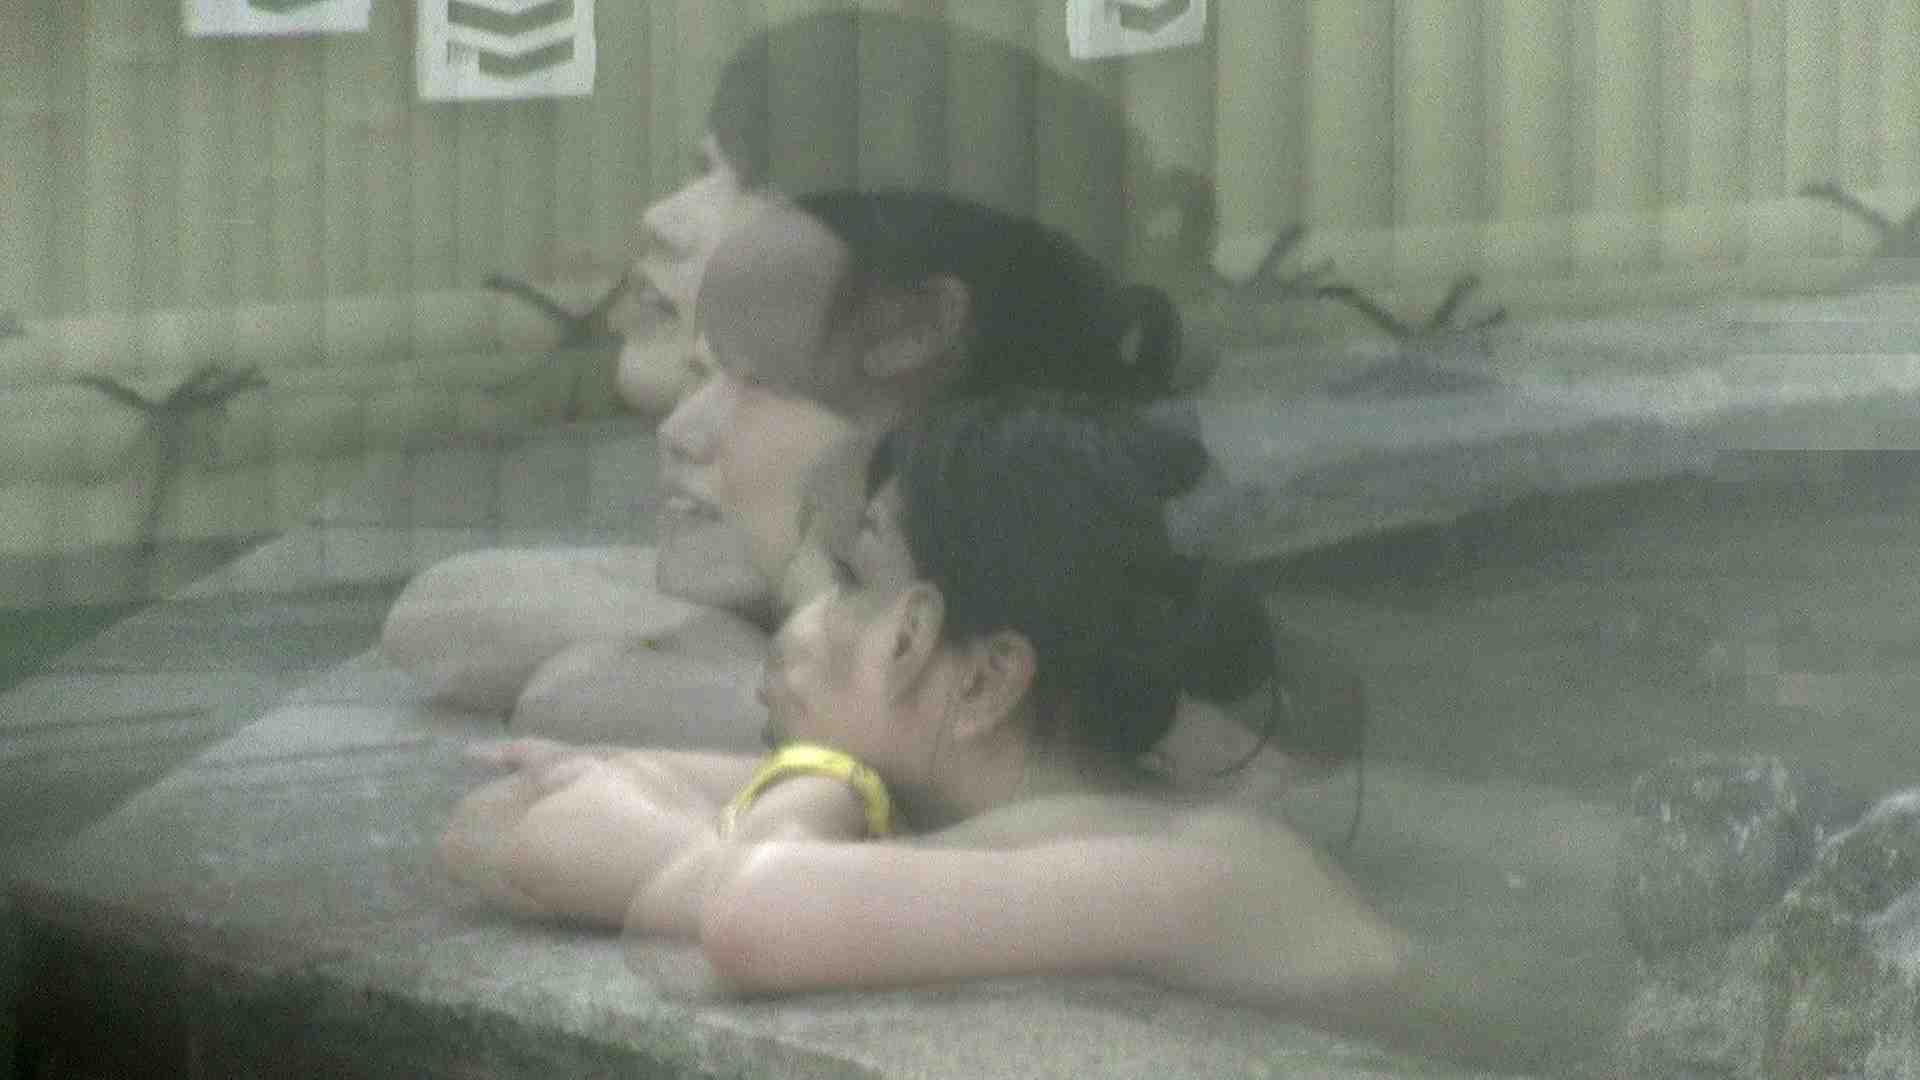 Aquaな露天風呂Vol.206 いやらしいOL オマンコ動画キャプチャ 59連発 22